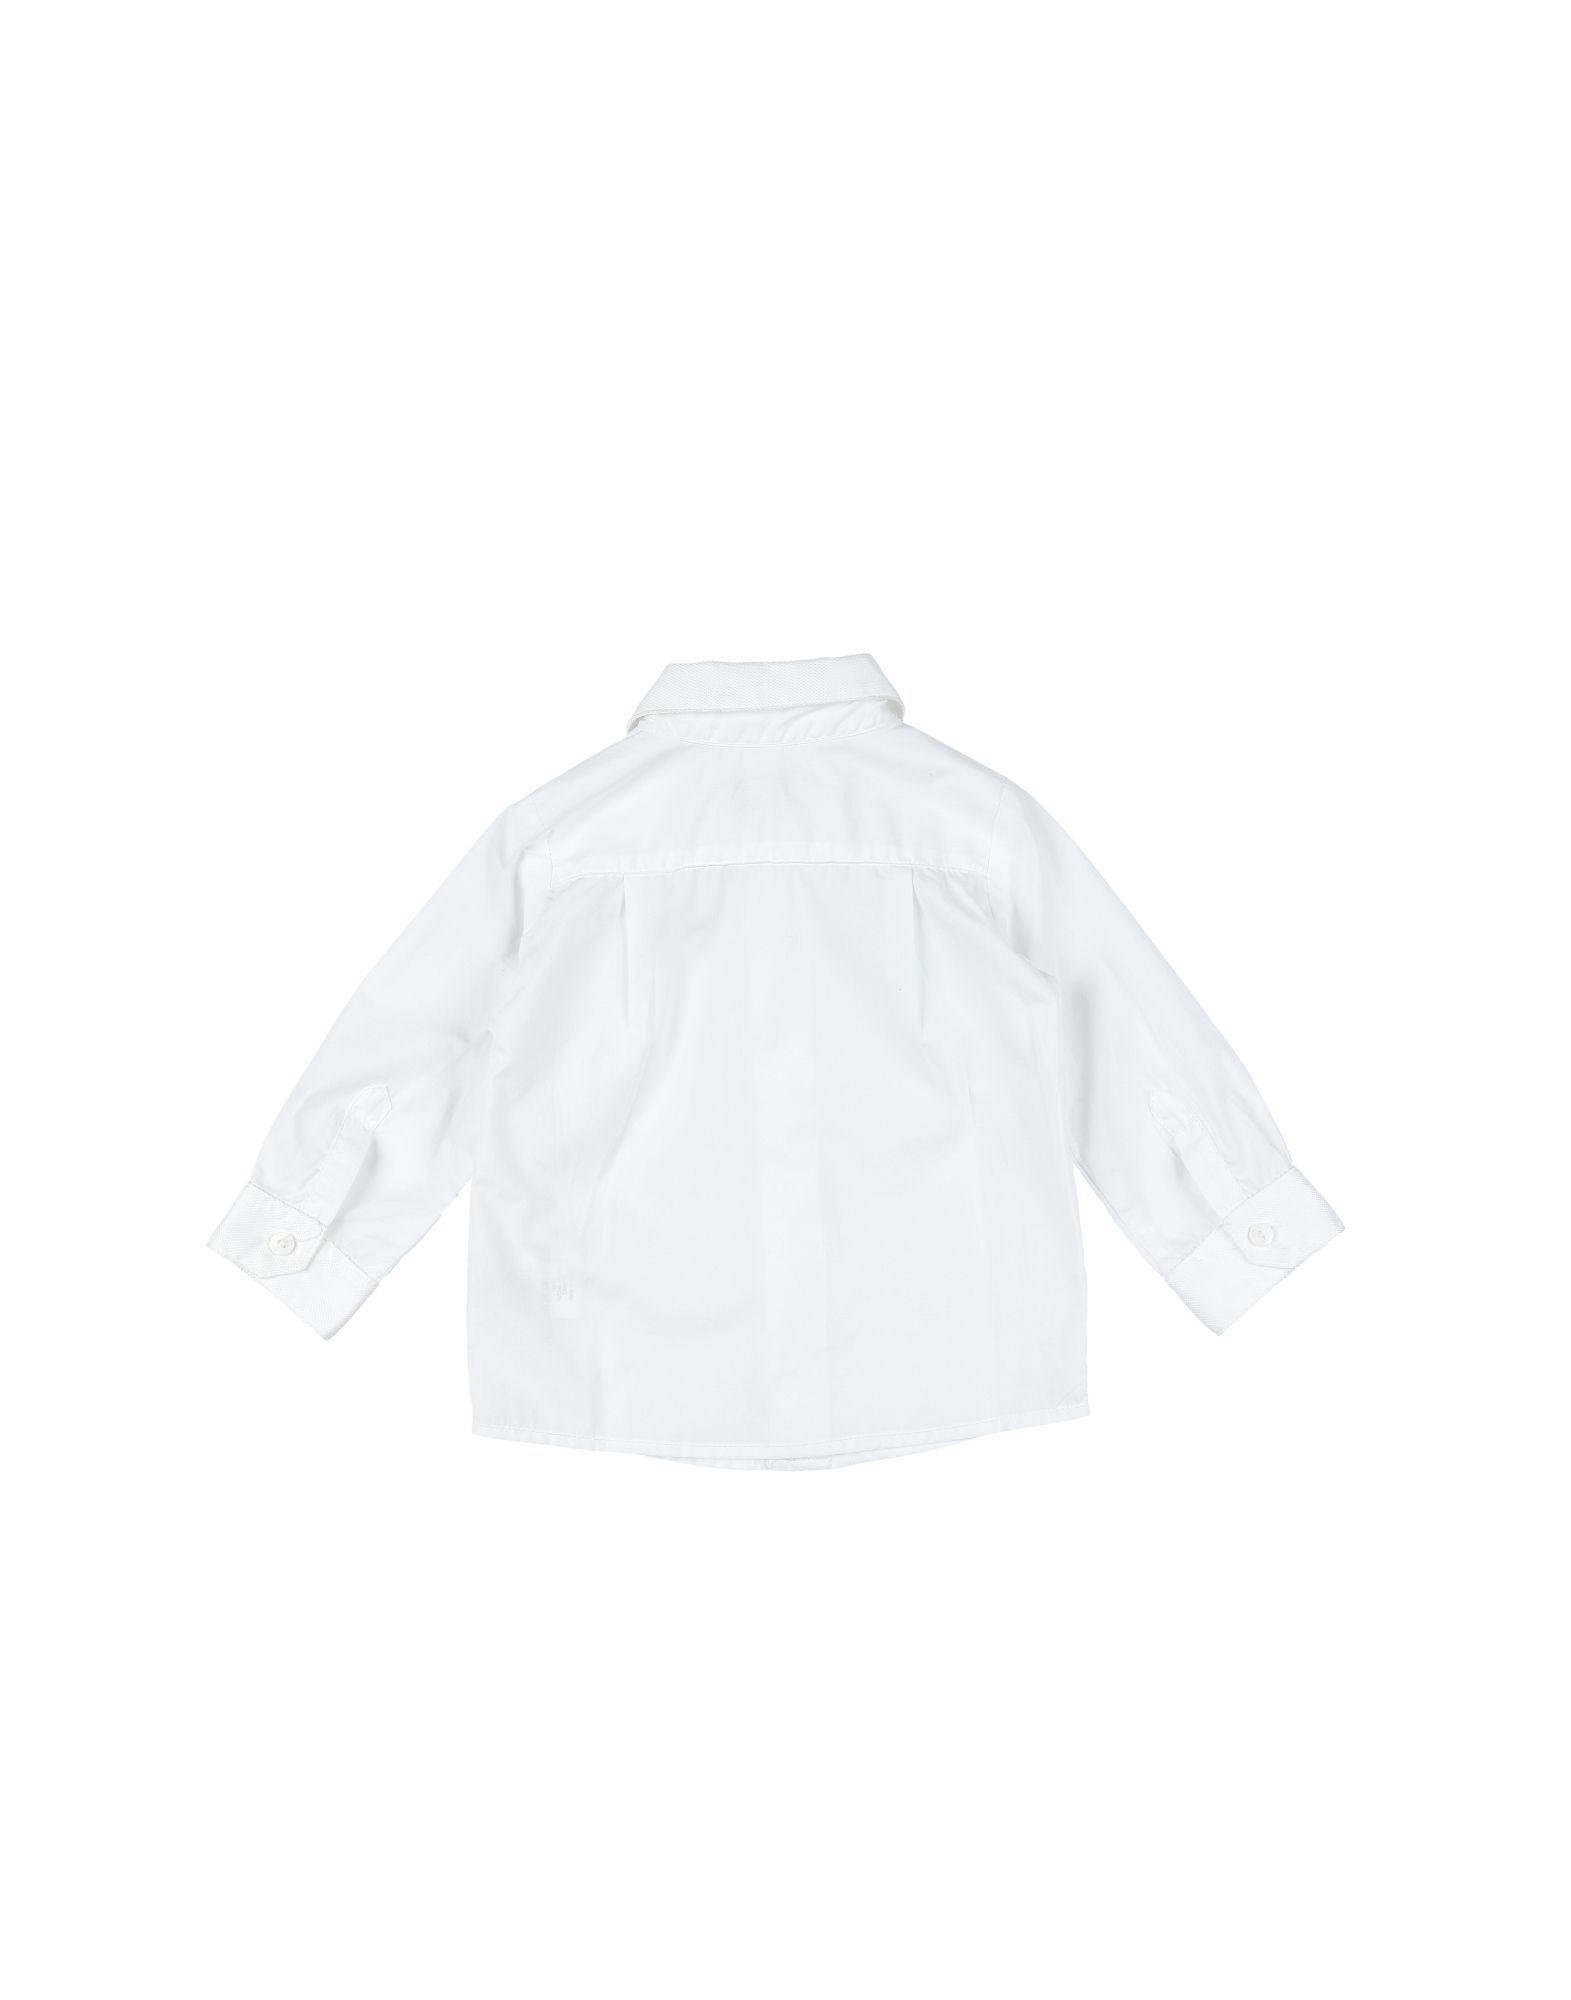 SHIRTS Simonetta Tiny White Boy Cotton